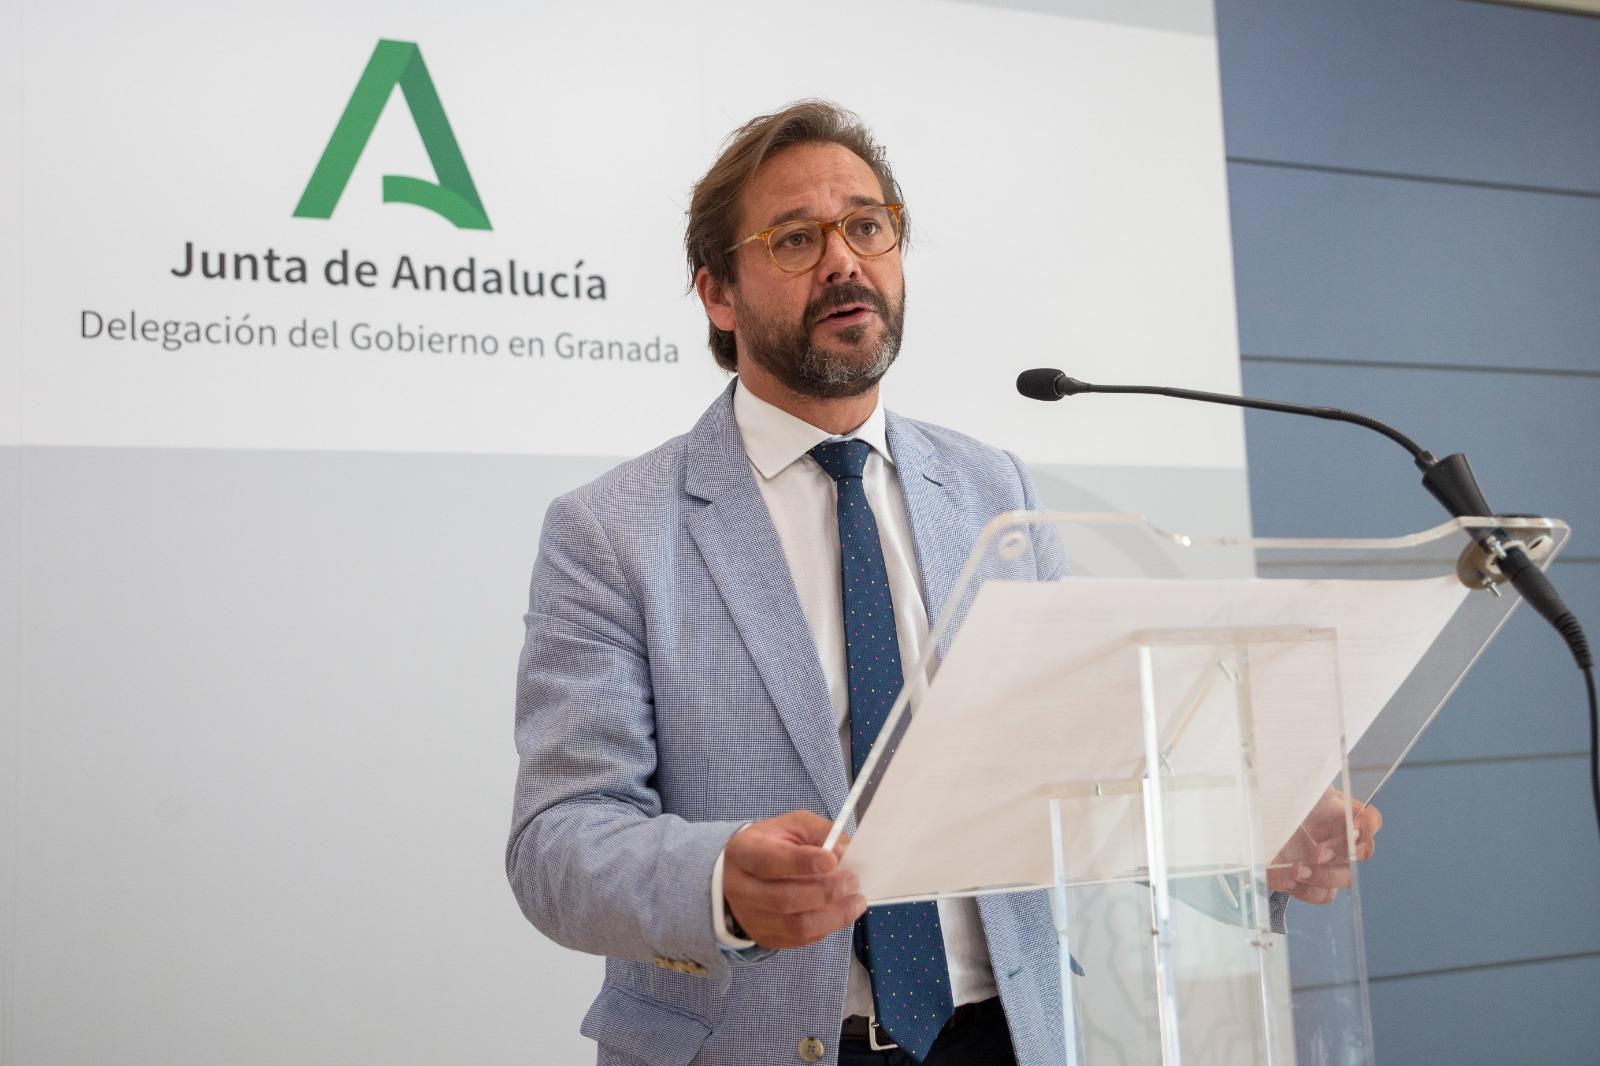 La Consejería de Cultura y Patrimonio aprueba la restauración de la Iglesia de San Andrés